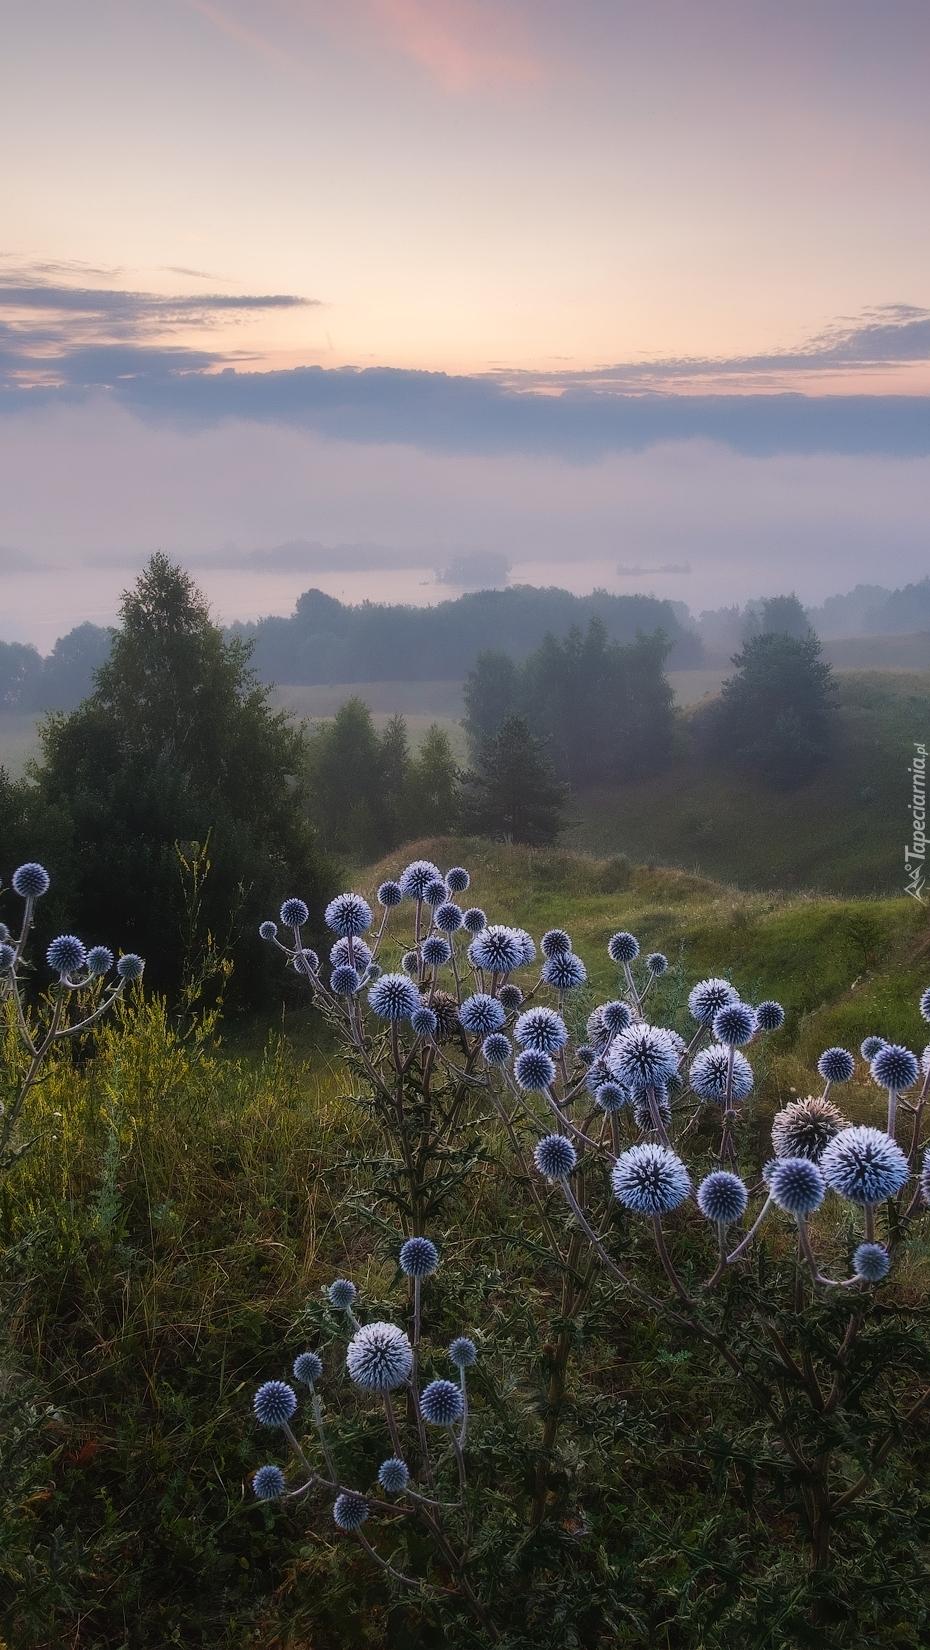 Przegorzan kulisty na wzgórzach